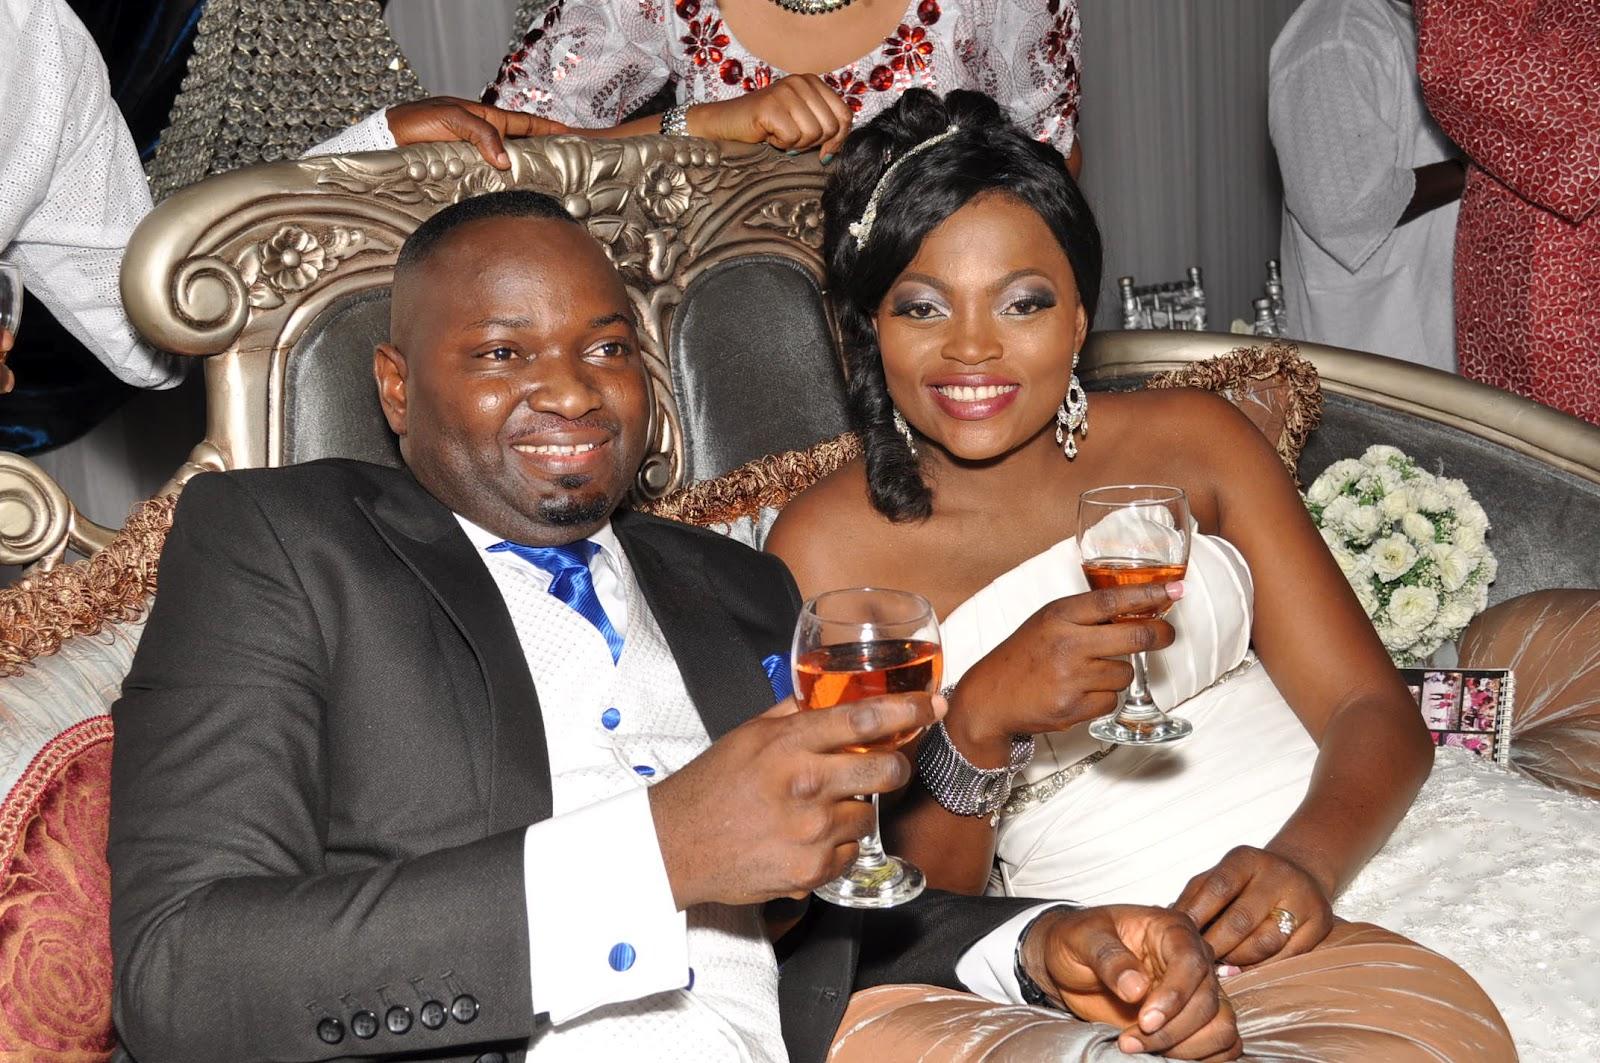 Klaxi: FUNKE AKINDELE WEDDING PHOTOS+INI EDO, GENEVIEVE